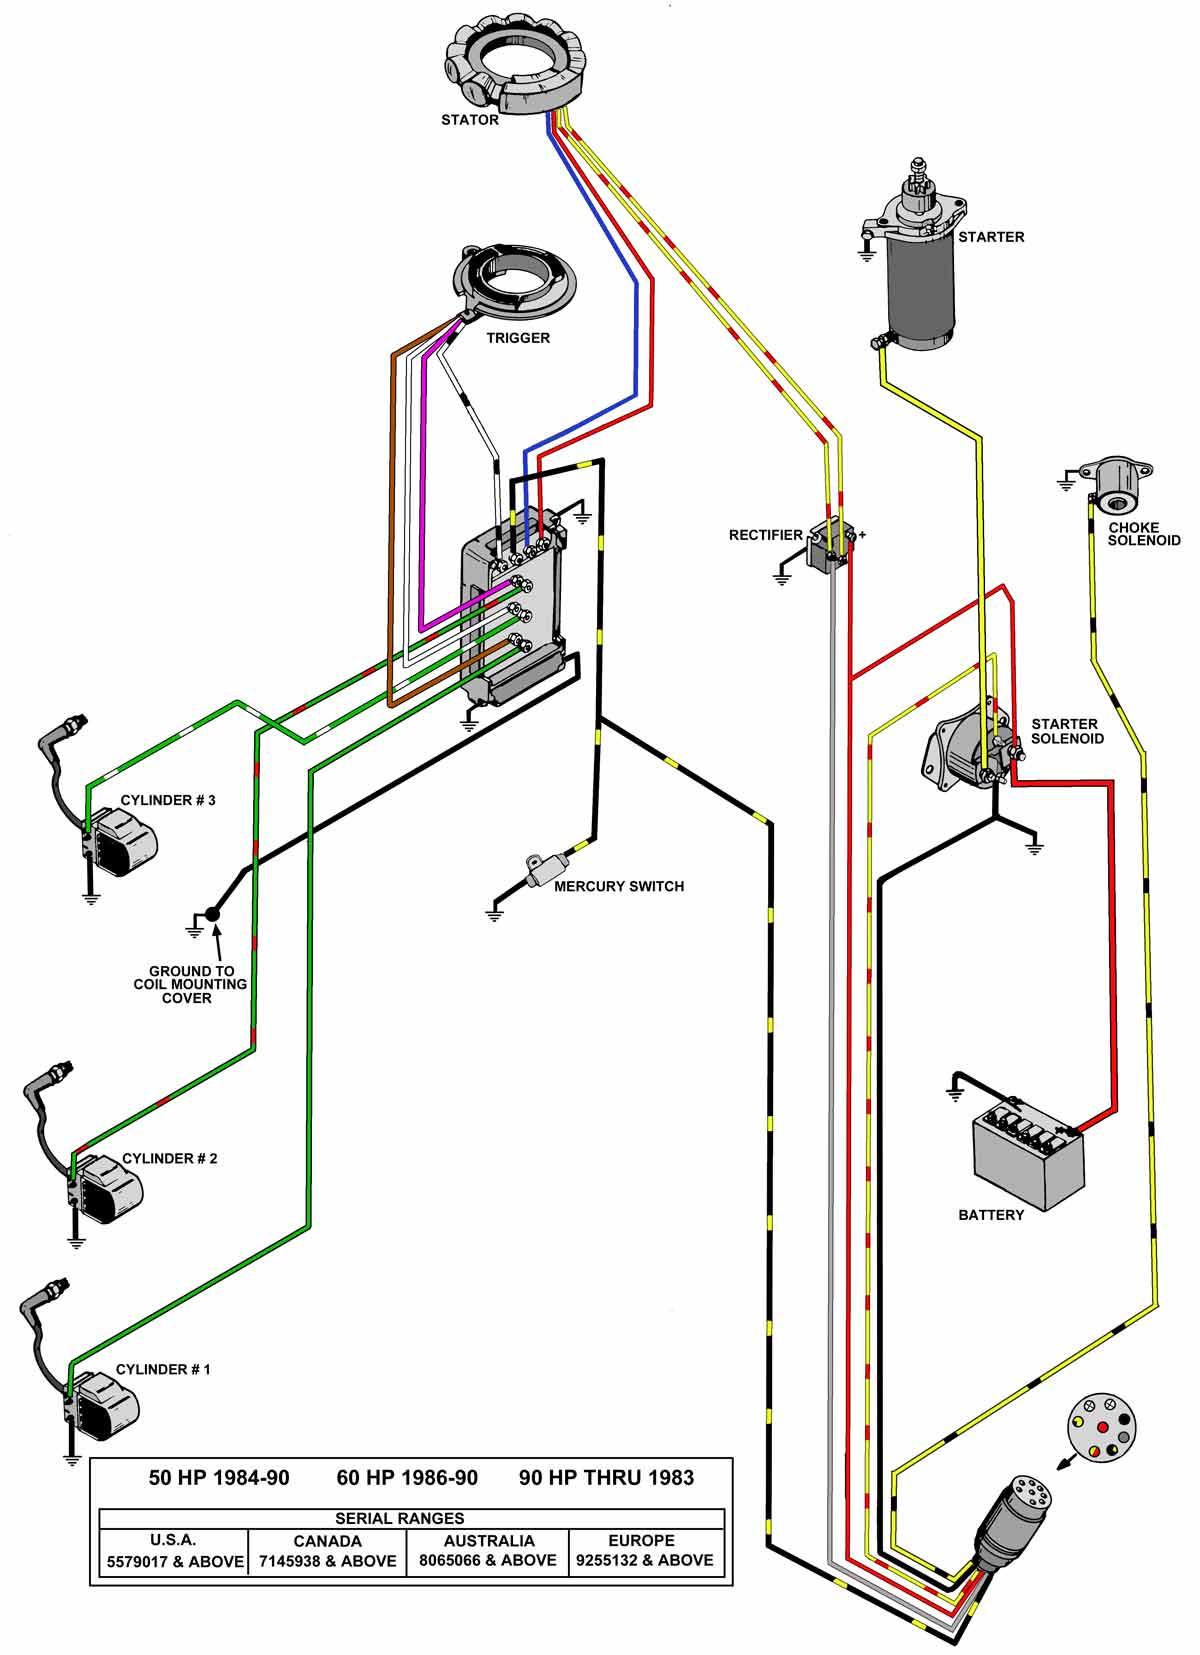 hight resolution of suzuki outboard wiring diagram house wiring diagram symbols u2022 tcm wiring diagram 2008 suzuki dt